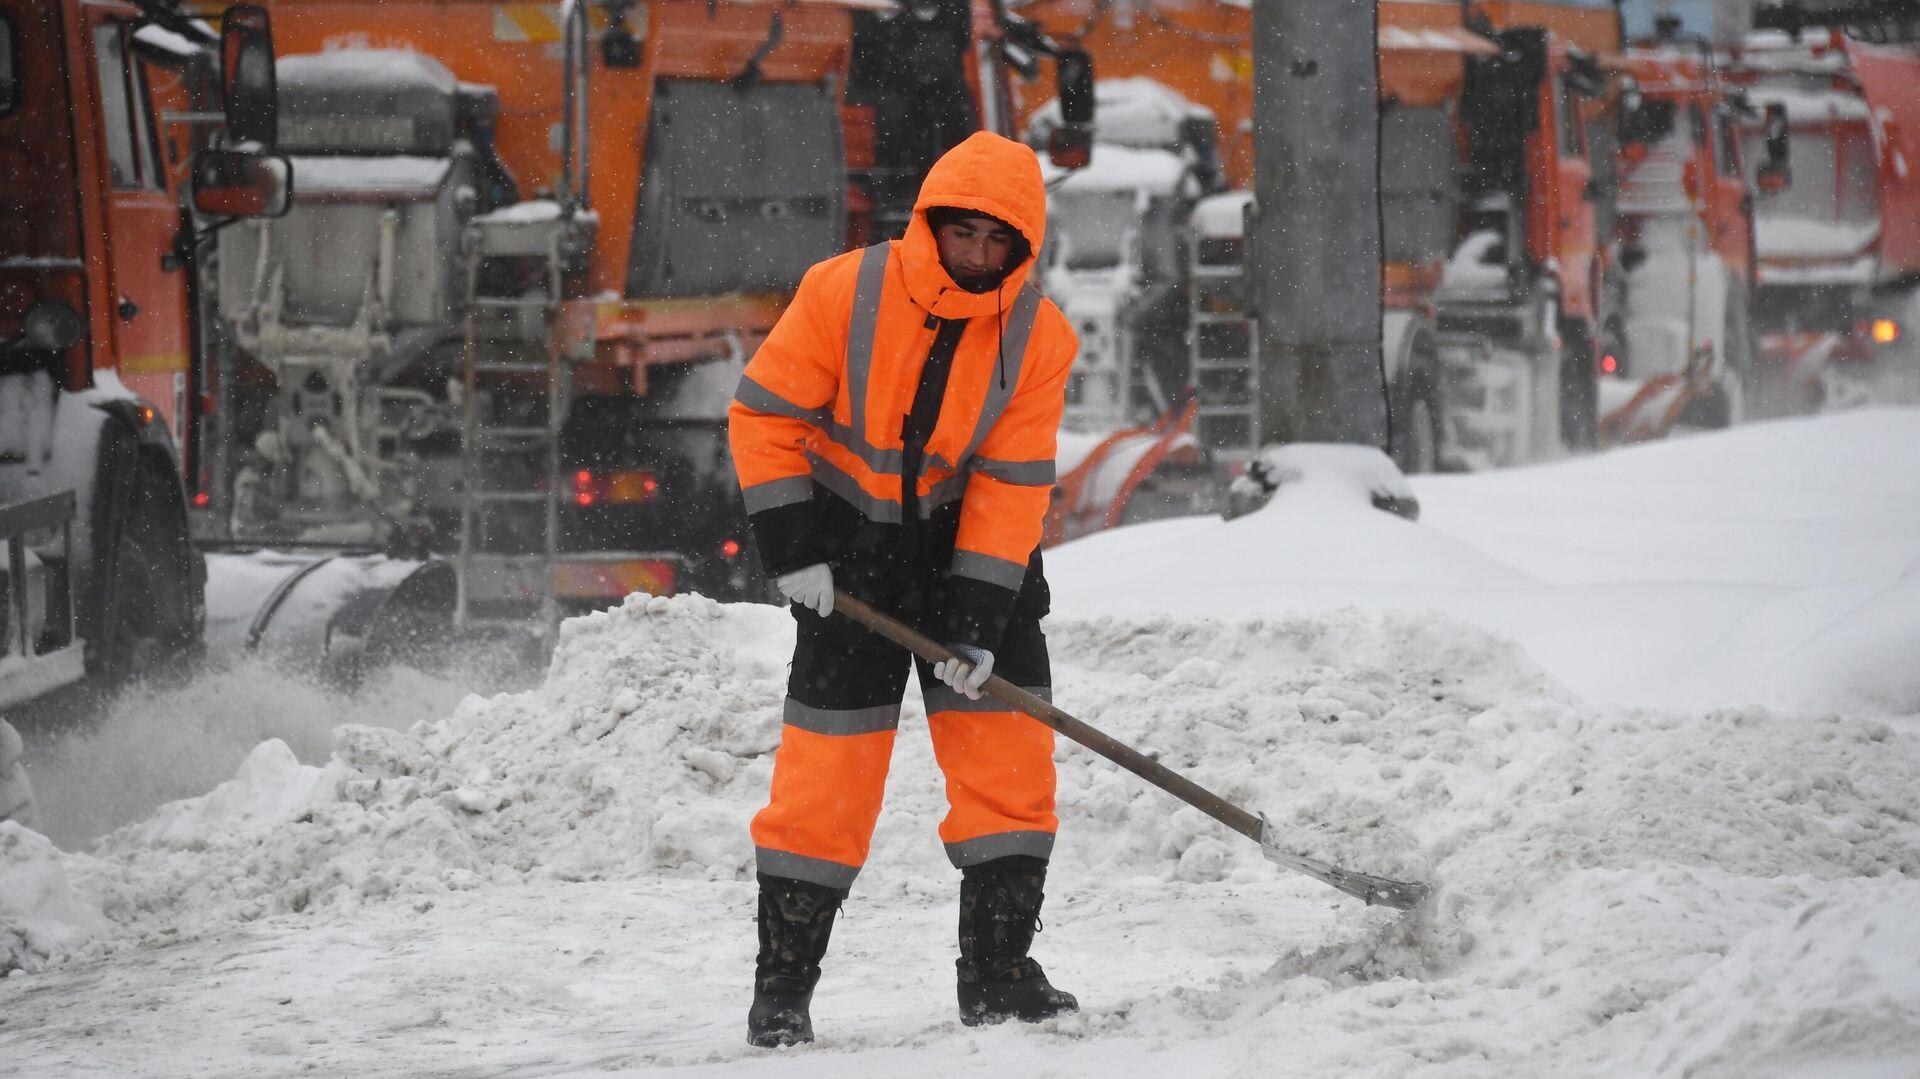 Сотрудник коммунальной службы убирает снег на улице в Москве во время снегопада. - РИА Новости, 1920, 15.02.2021